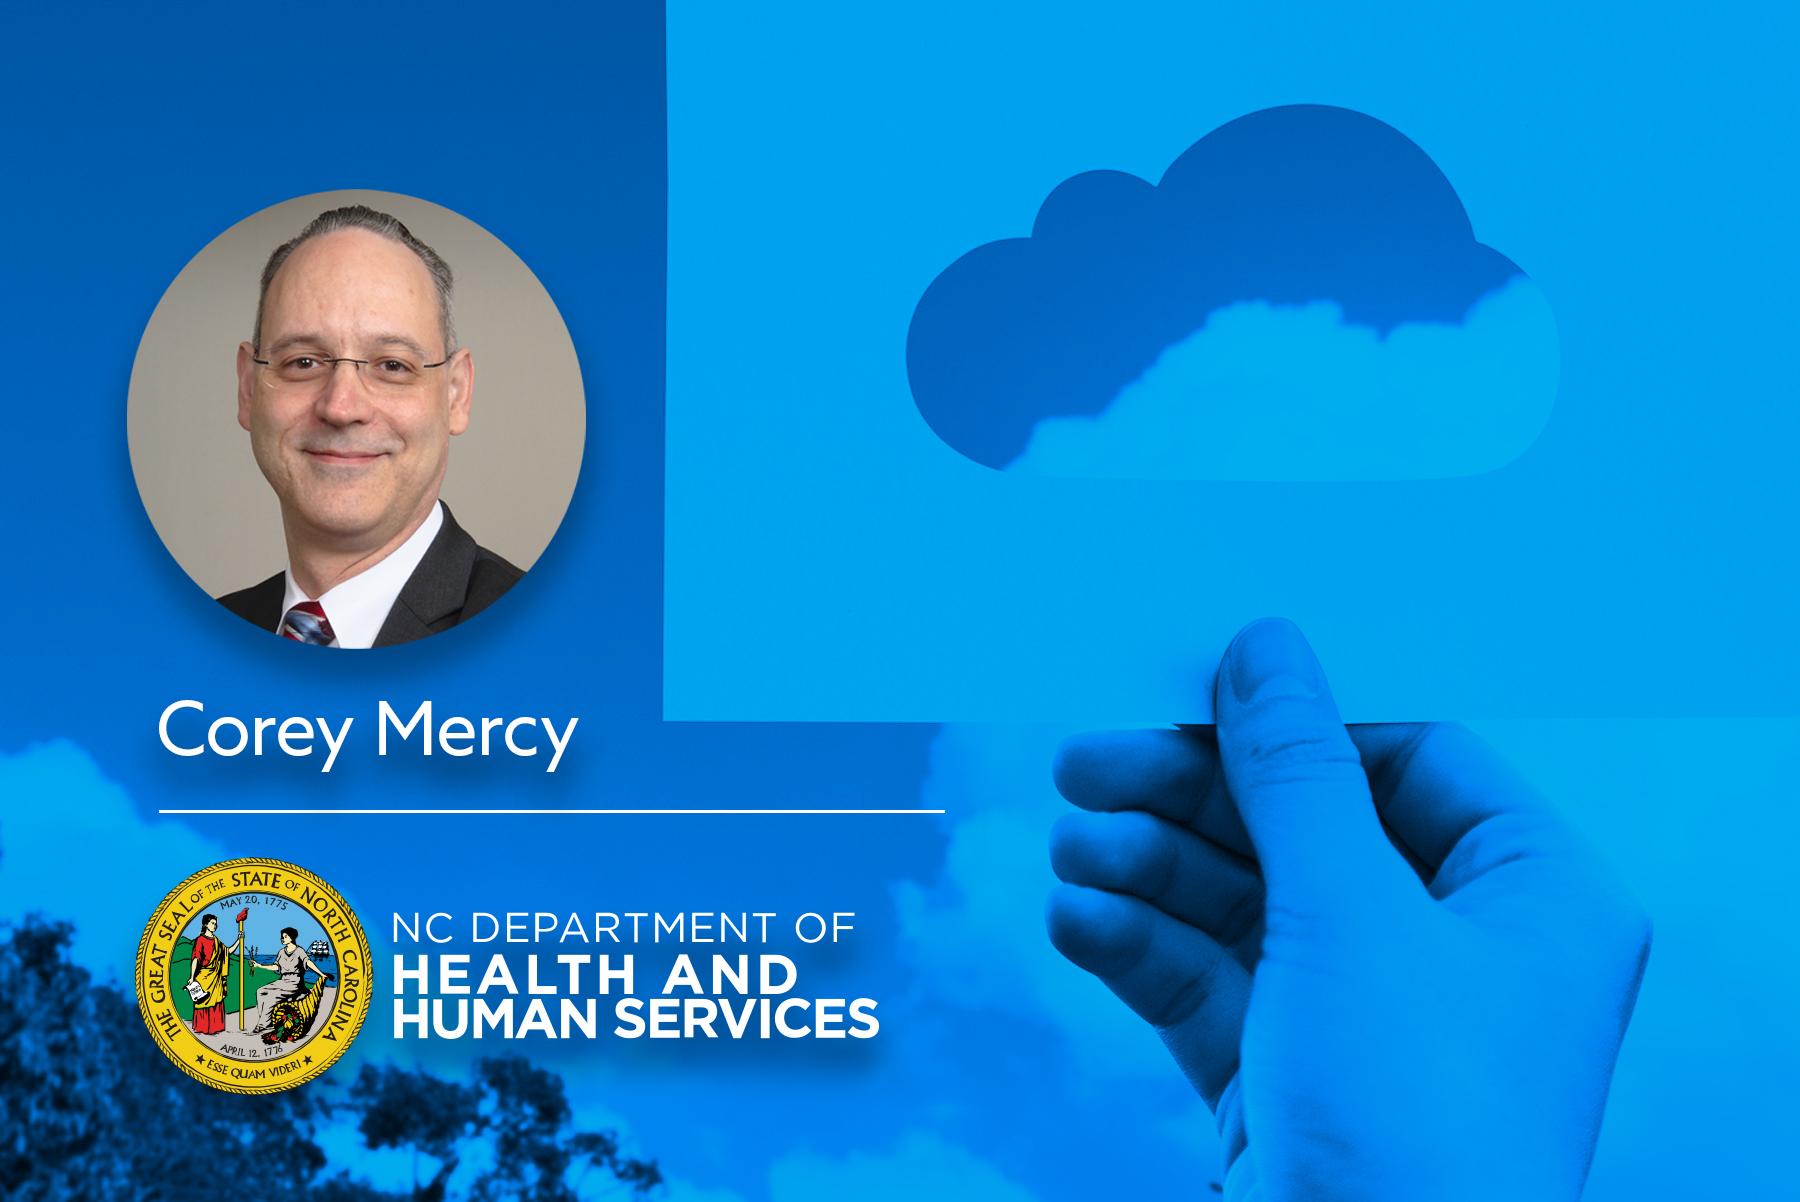 Corey Mercy